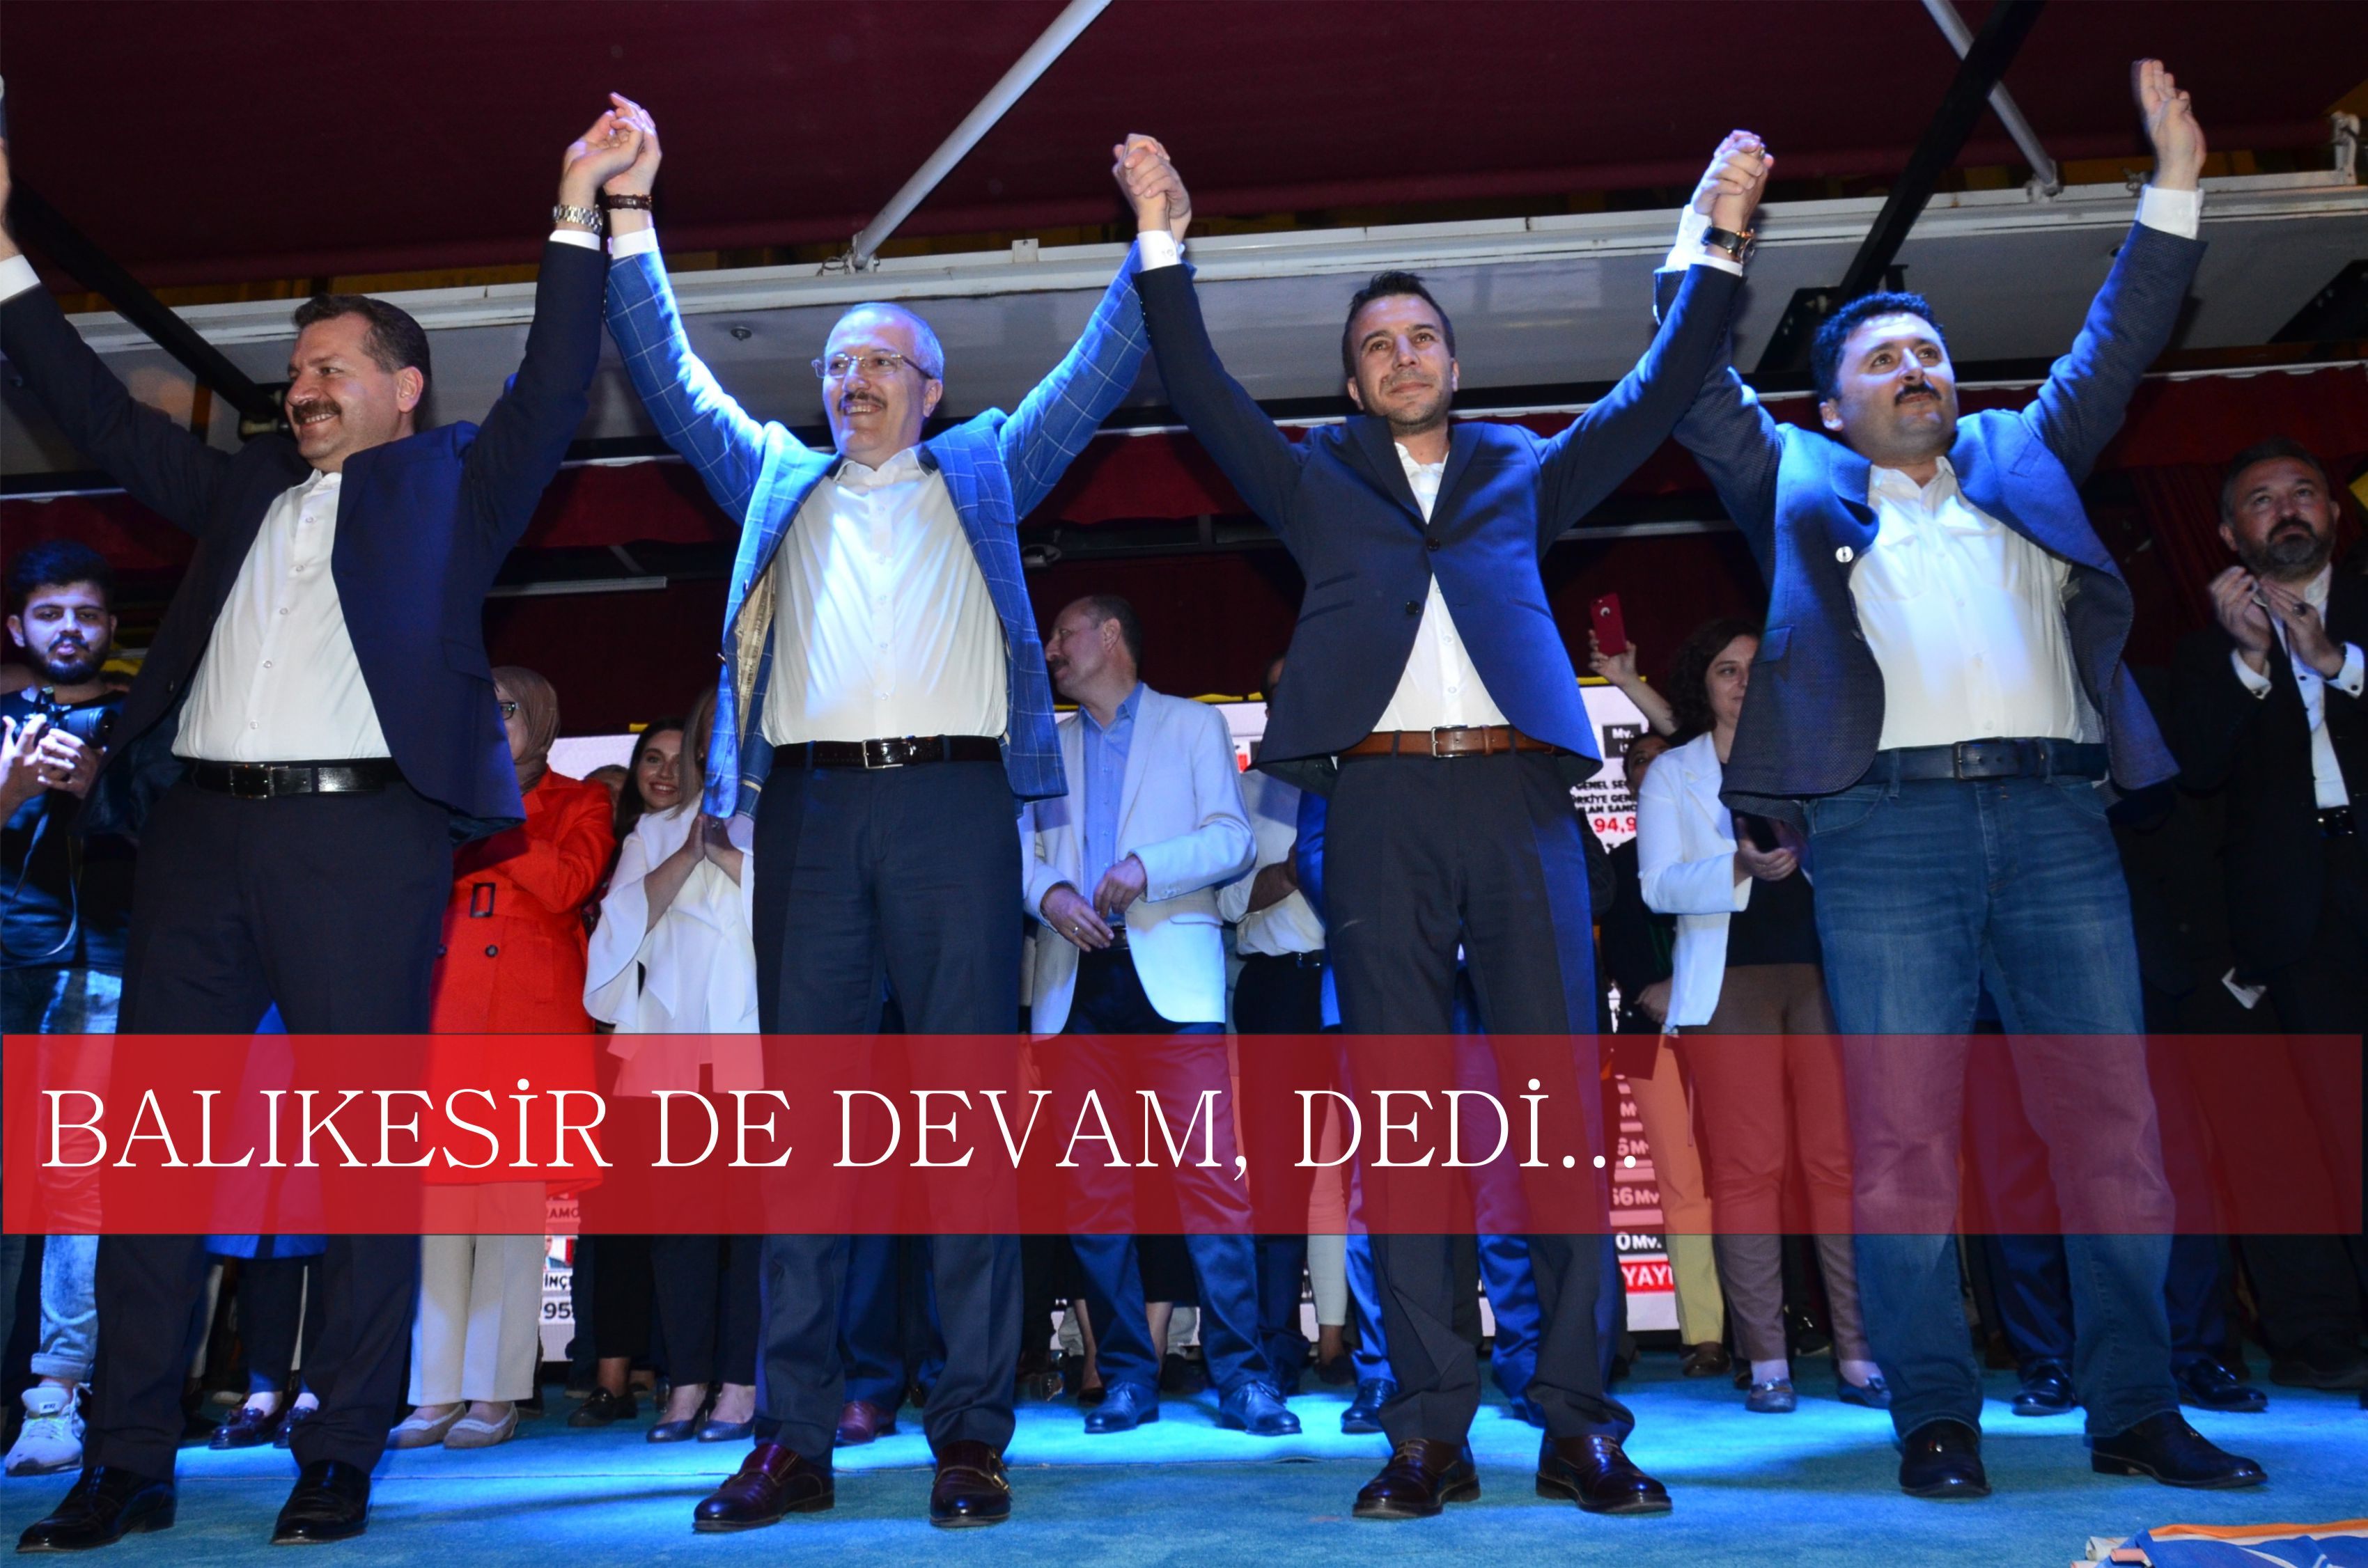 BALIKESİR DE DEVAM, DEDİ